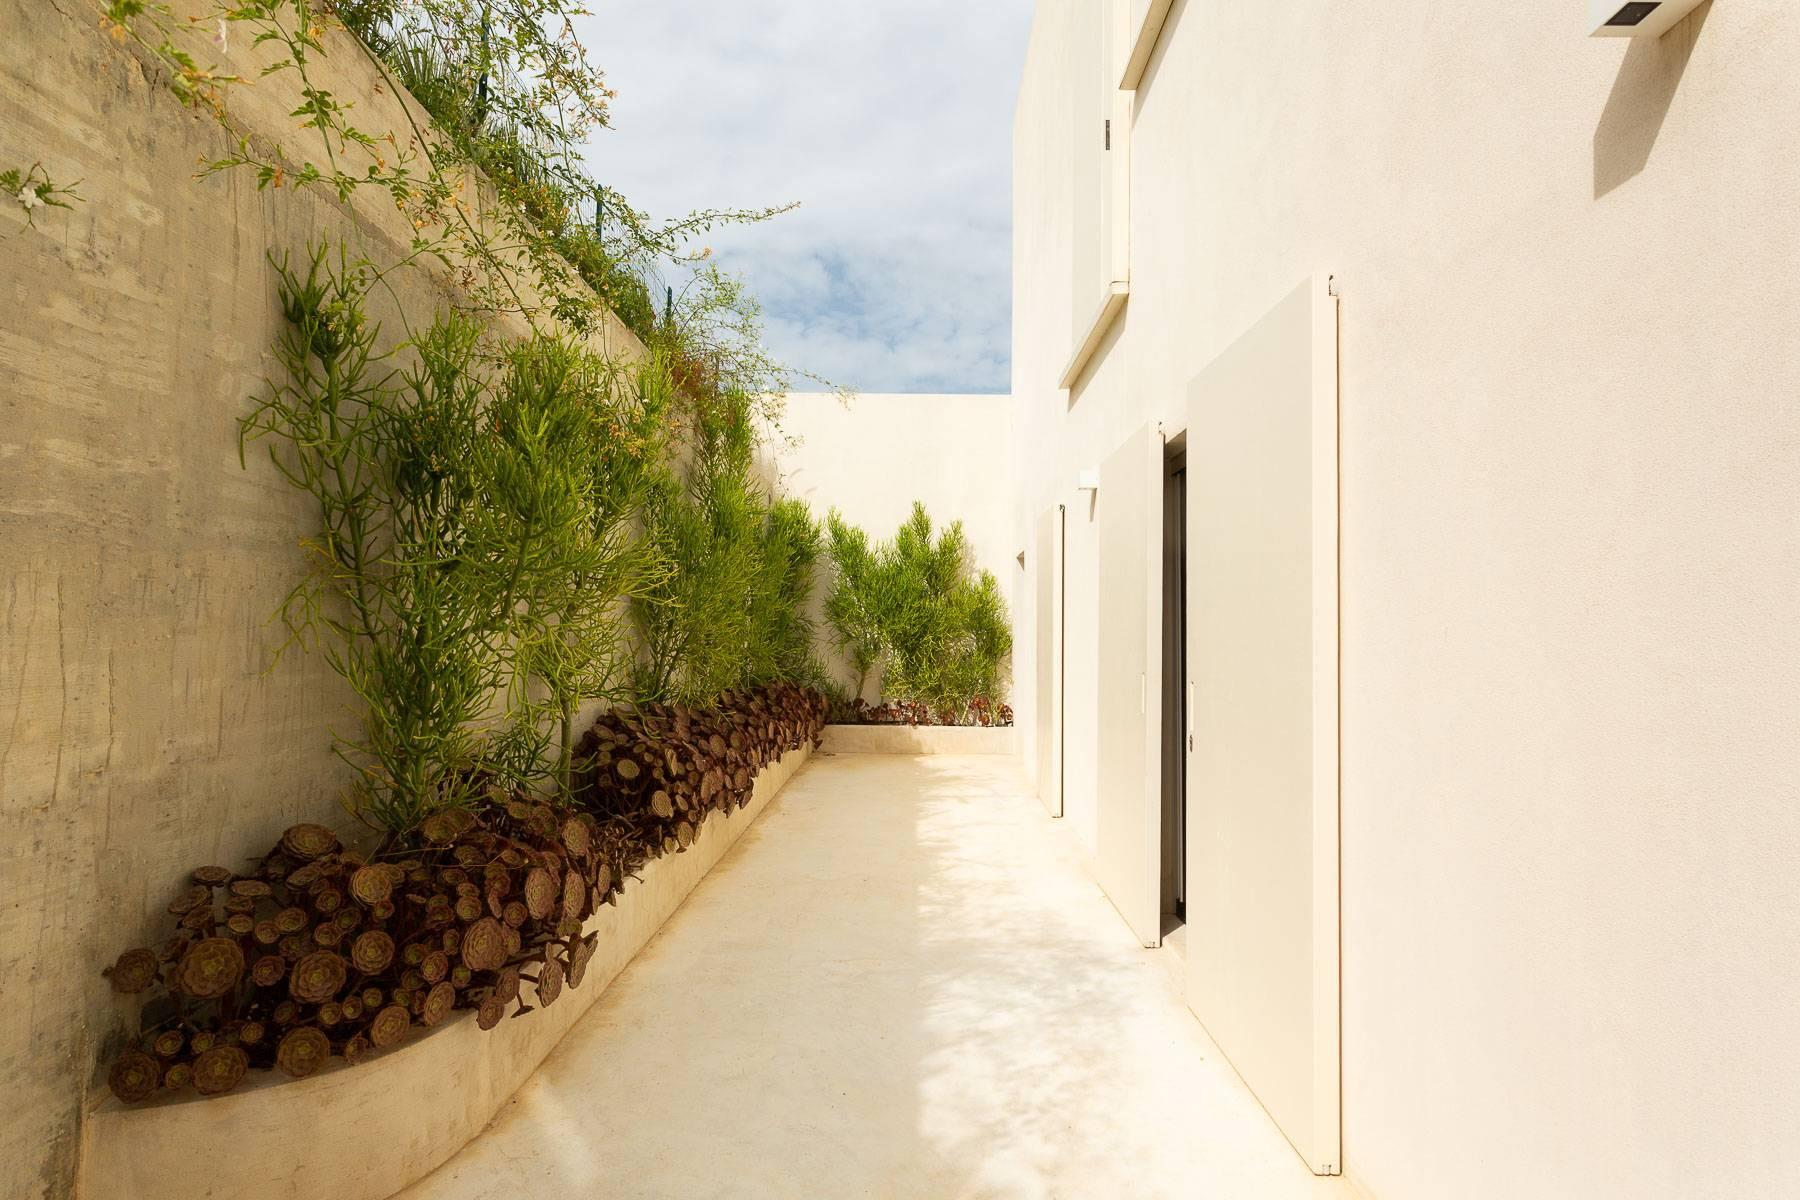 Villa moderne avec piscine donnant sur la réserve naturelle de Vendicari - 8